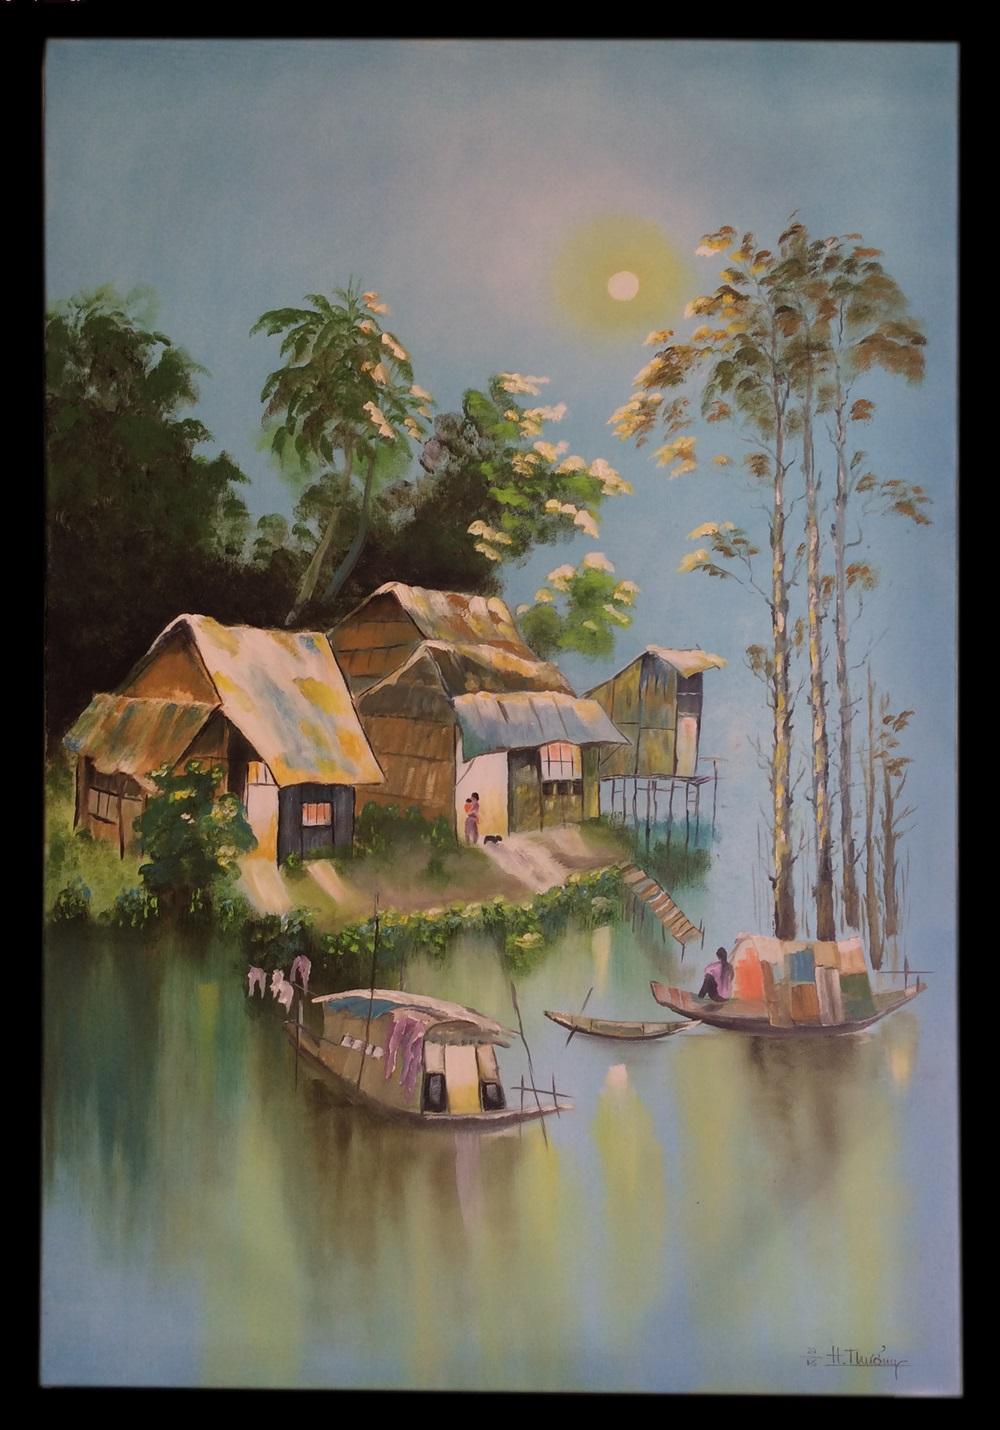 Tranh sơn dầu B2 Phong Cảnh Miền Tây - Phạm Văn Thưởng